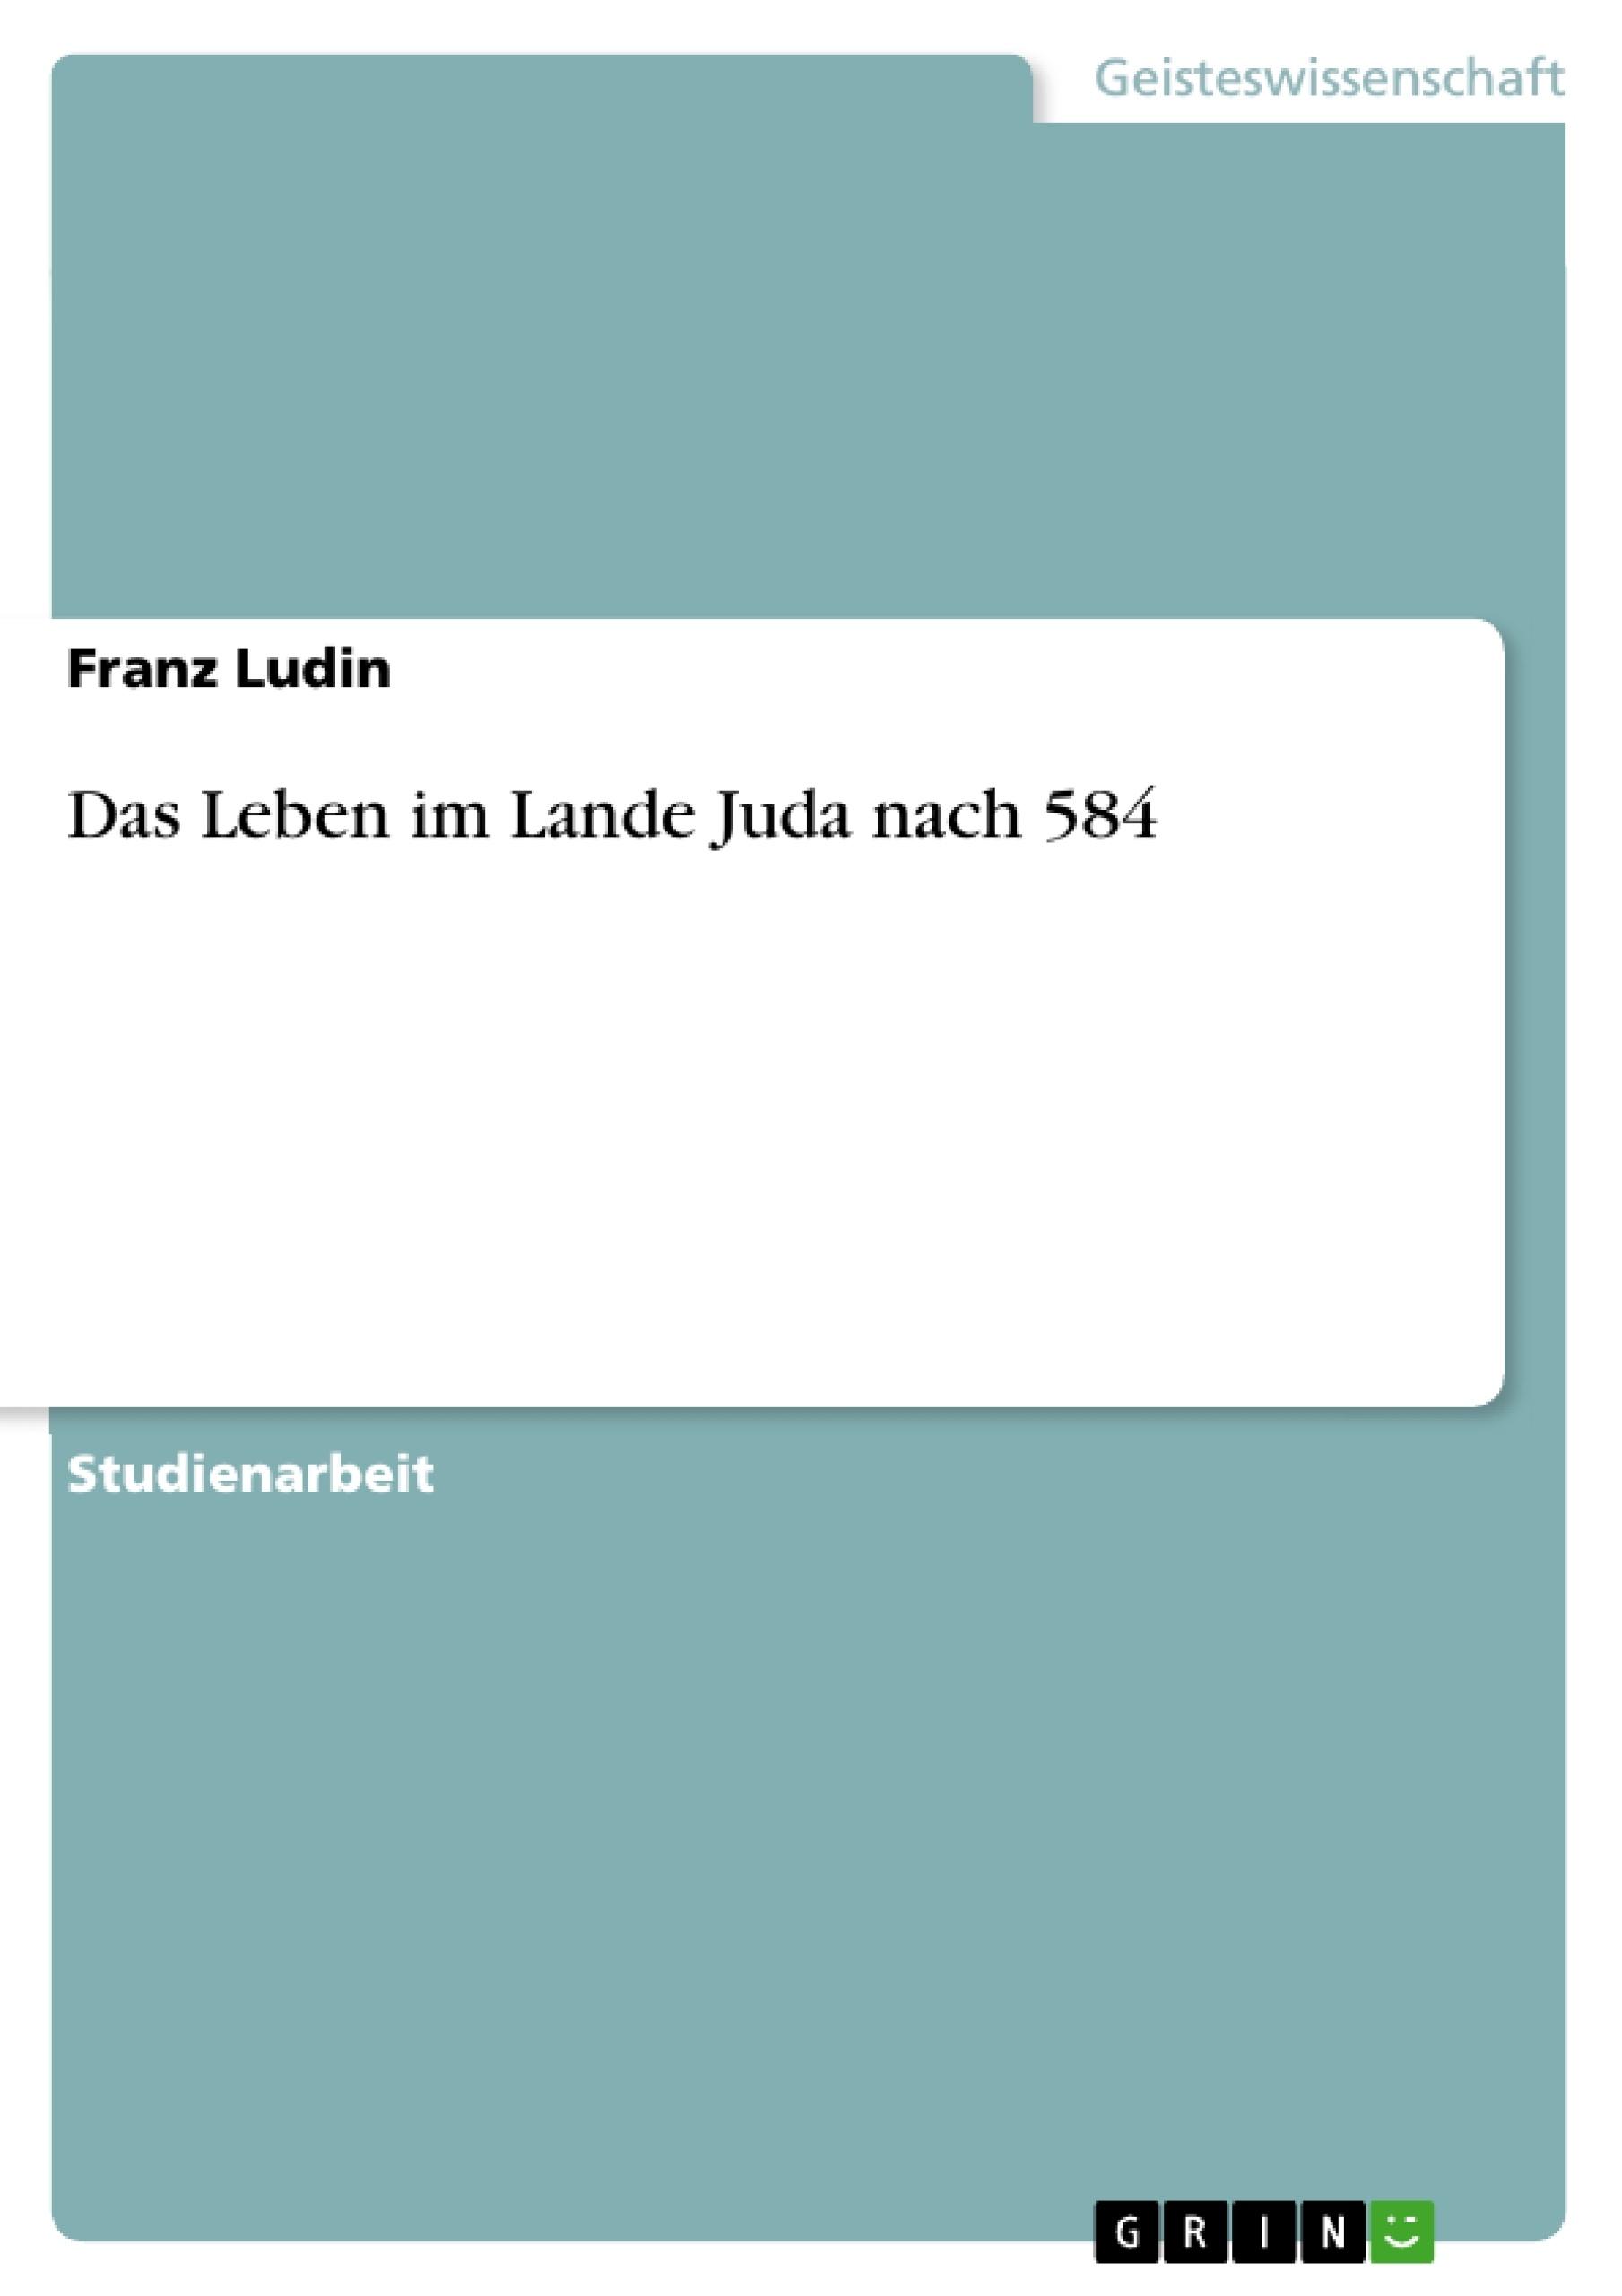 Titel: Das Leben im Lande Juda nach 584